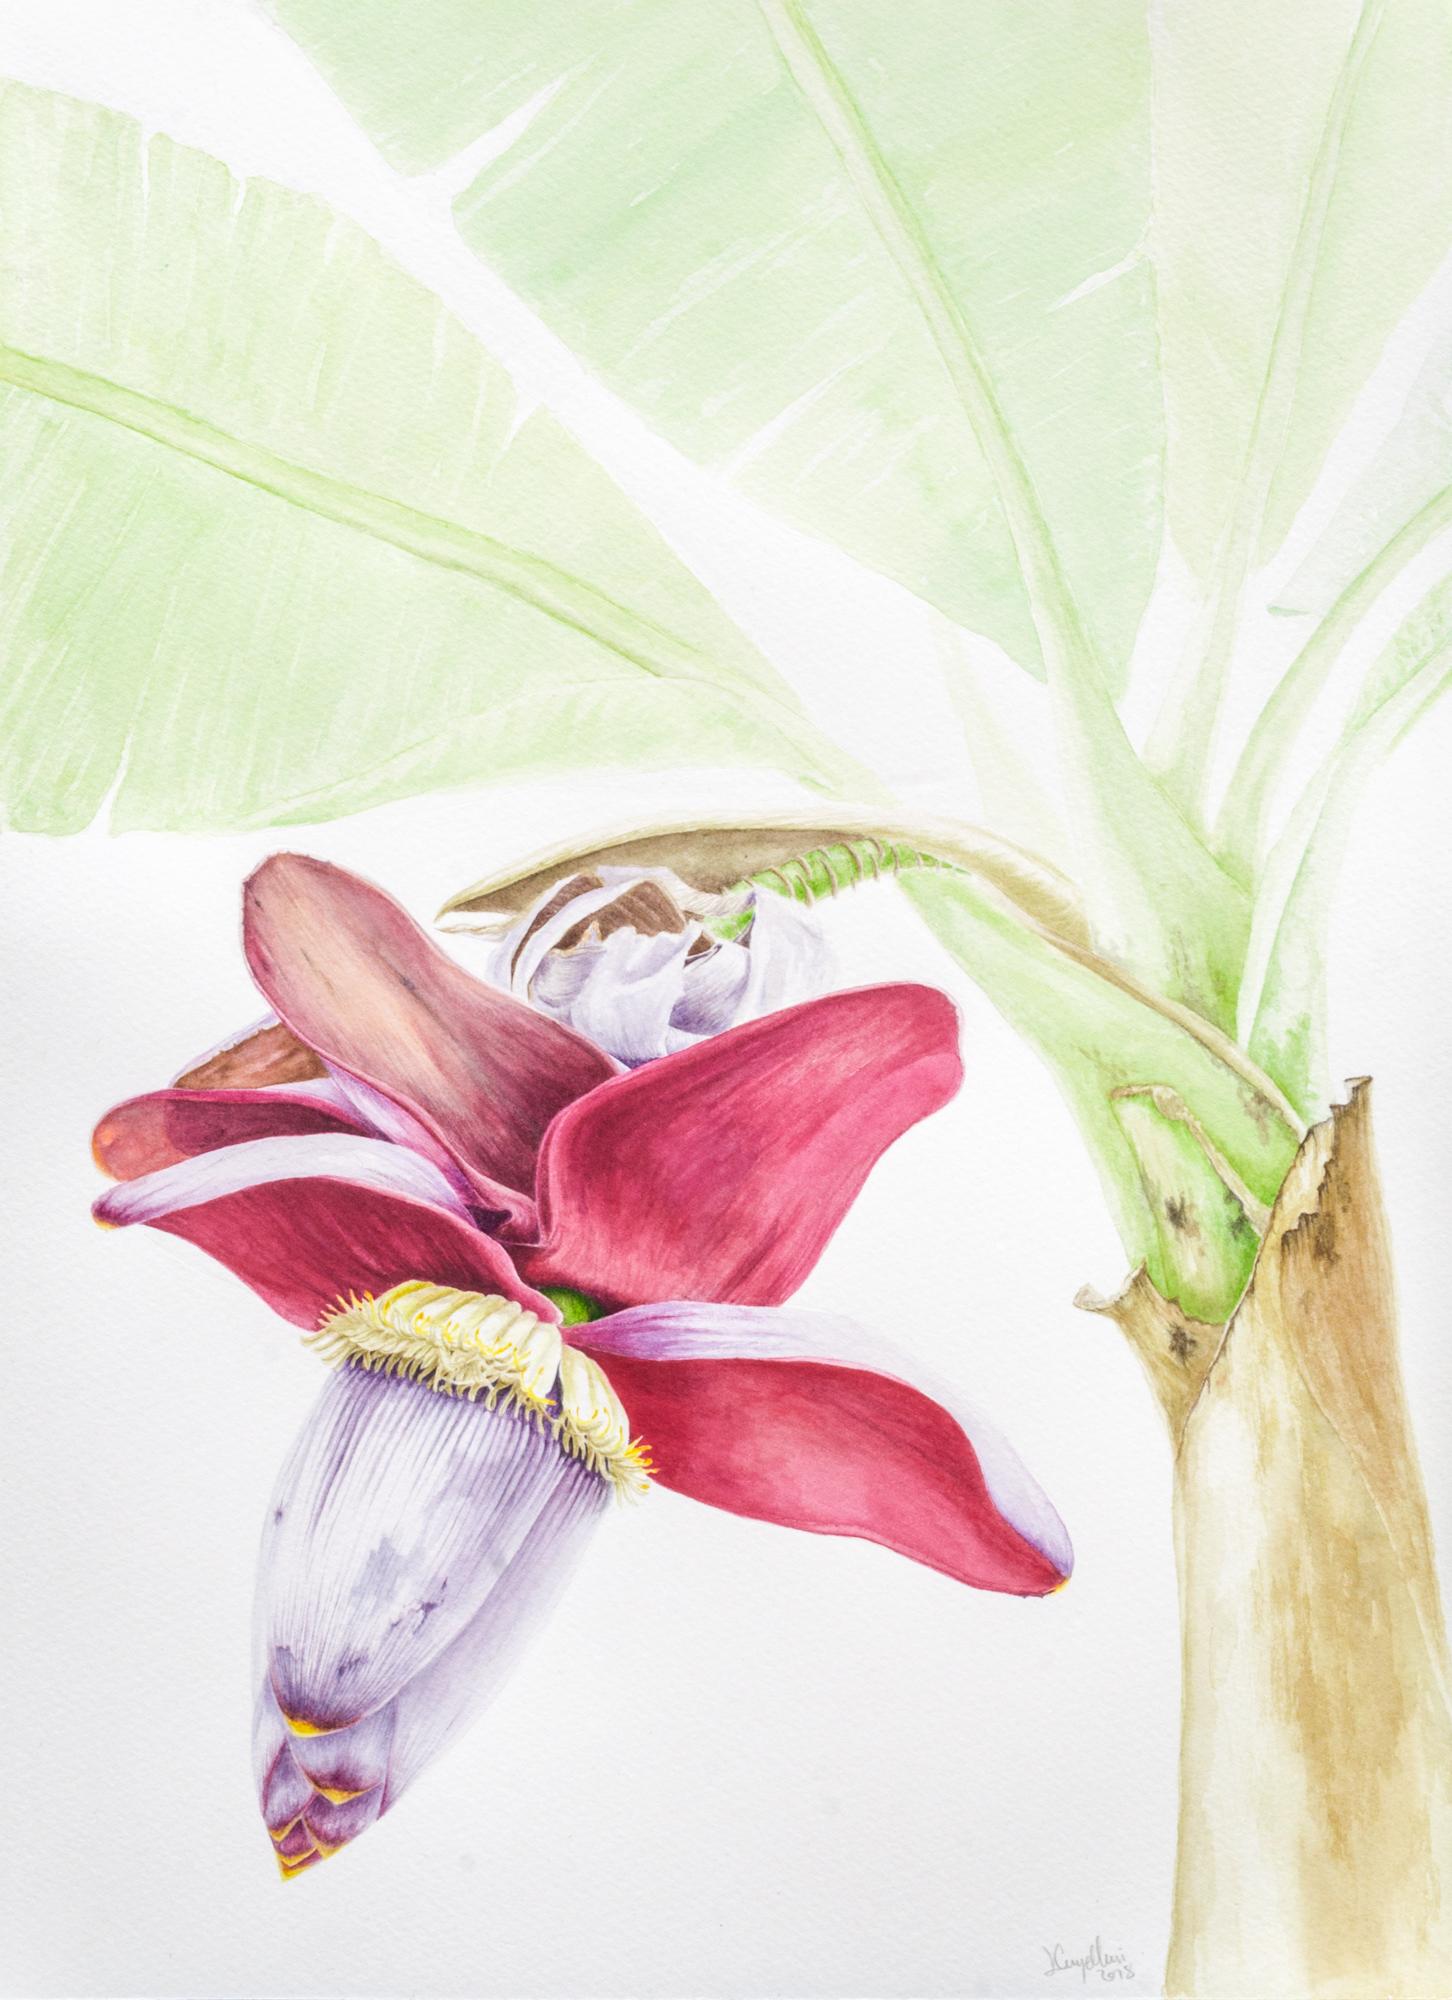 Curso Ilustración botánica: conocer las plantas a través del arte